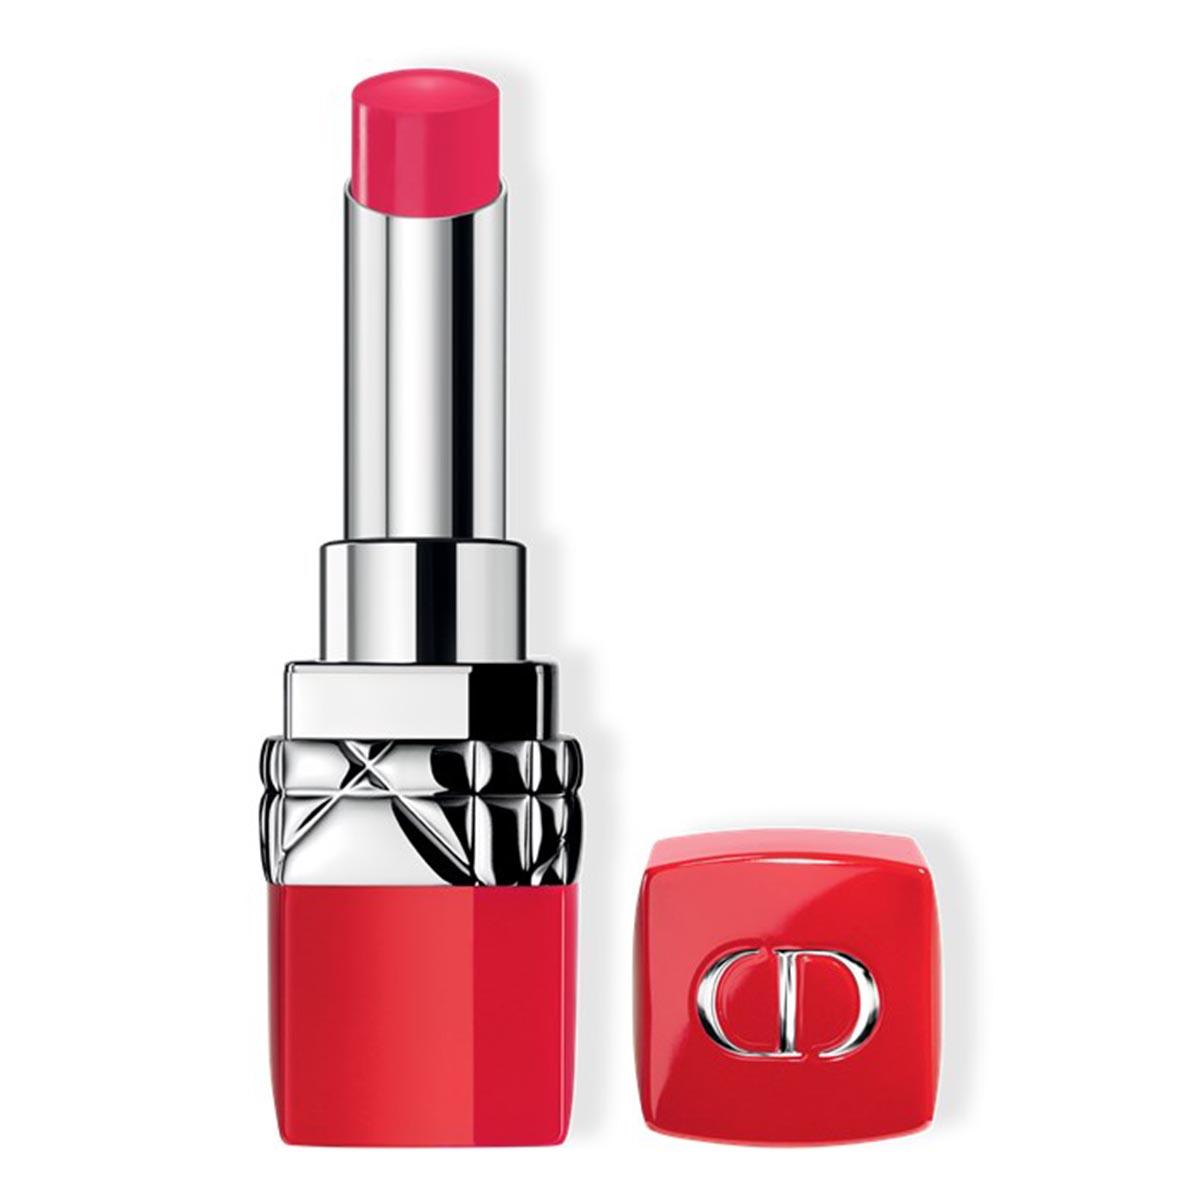 Dior rouge dior lipstick 660 ultra atomic